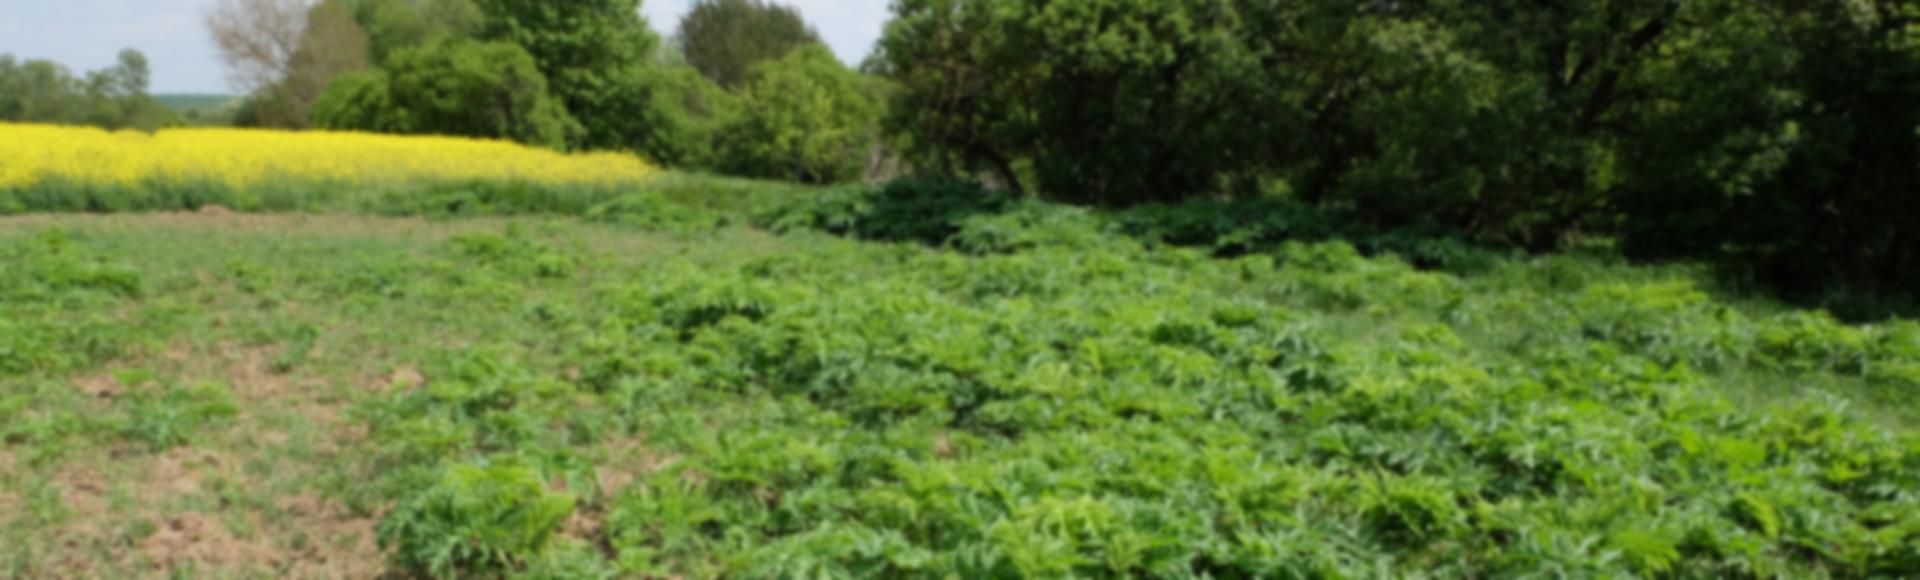 Erfassung und Management invasiver Neophyten auf landwirtschaftlichen Nutzflächen zur Sicherung der landwirtschaftlichen Produktionsbedingungen.